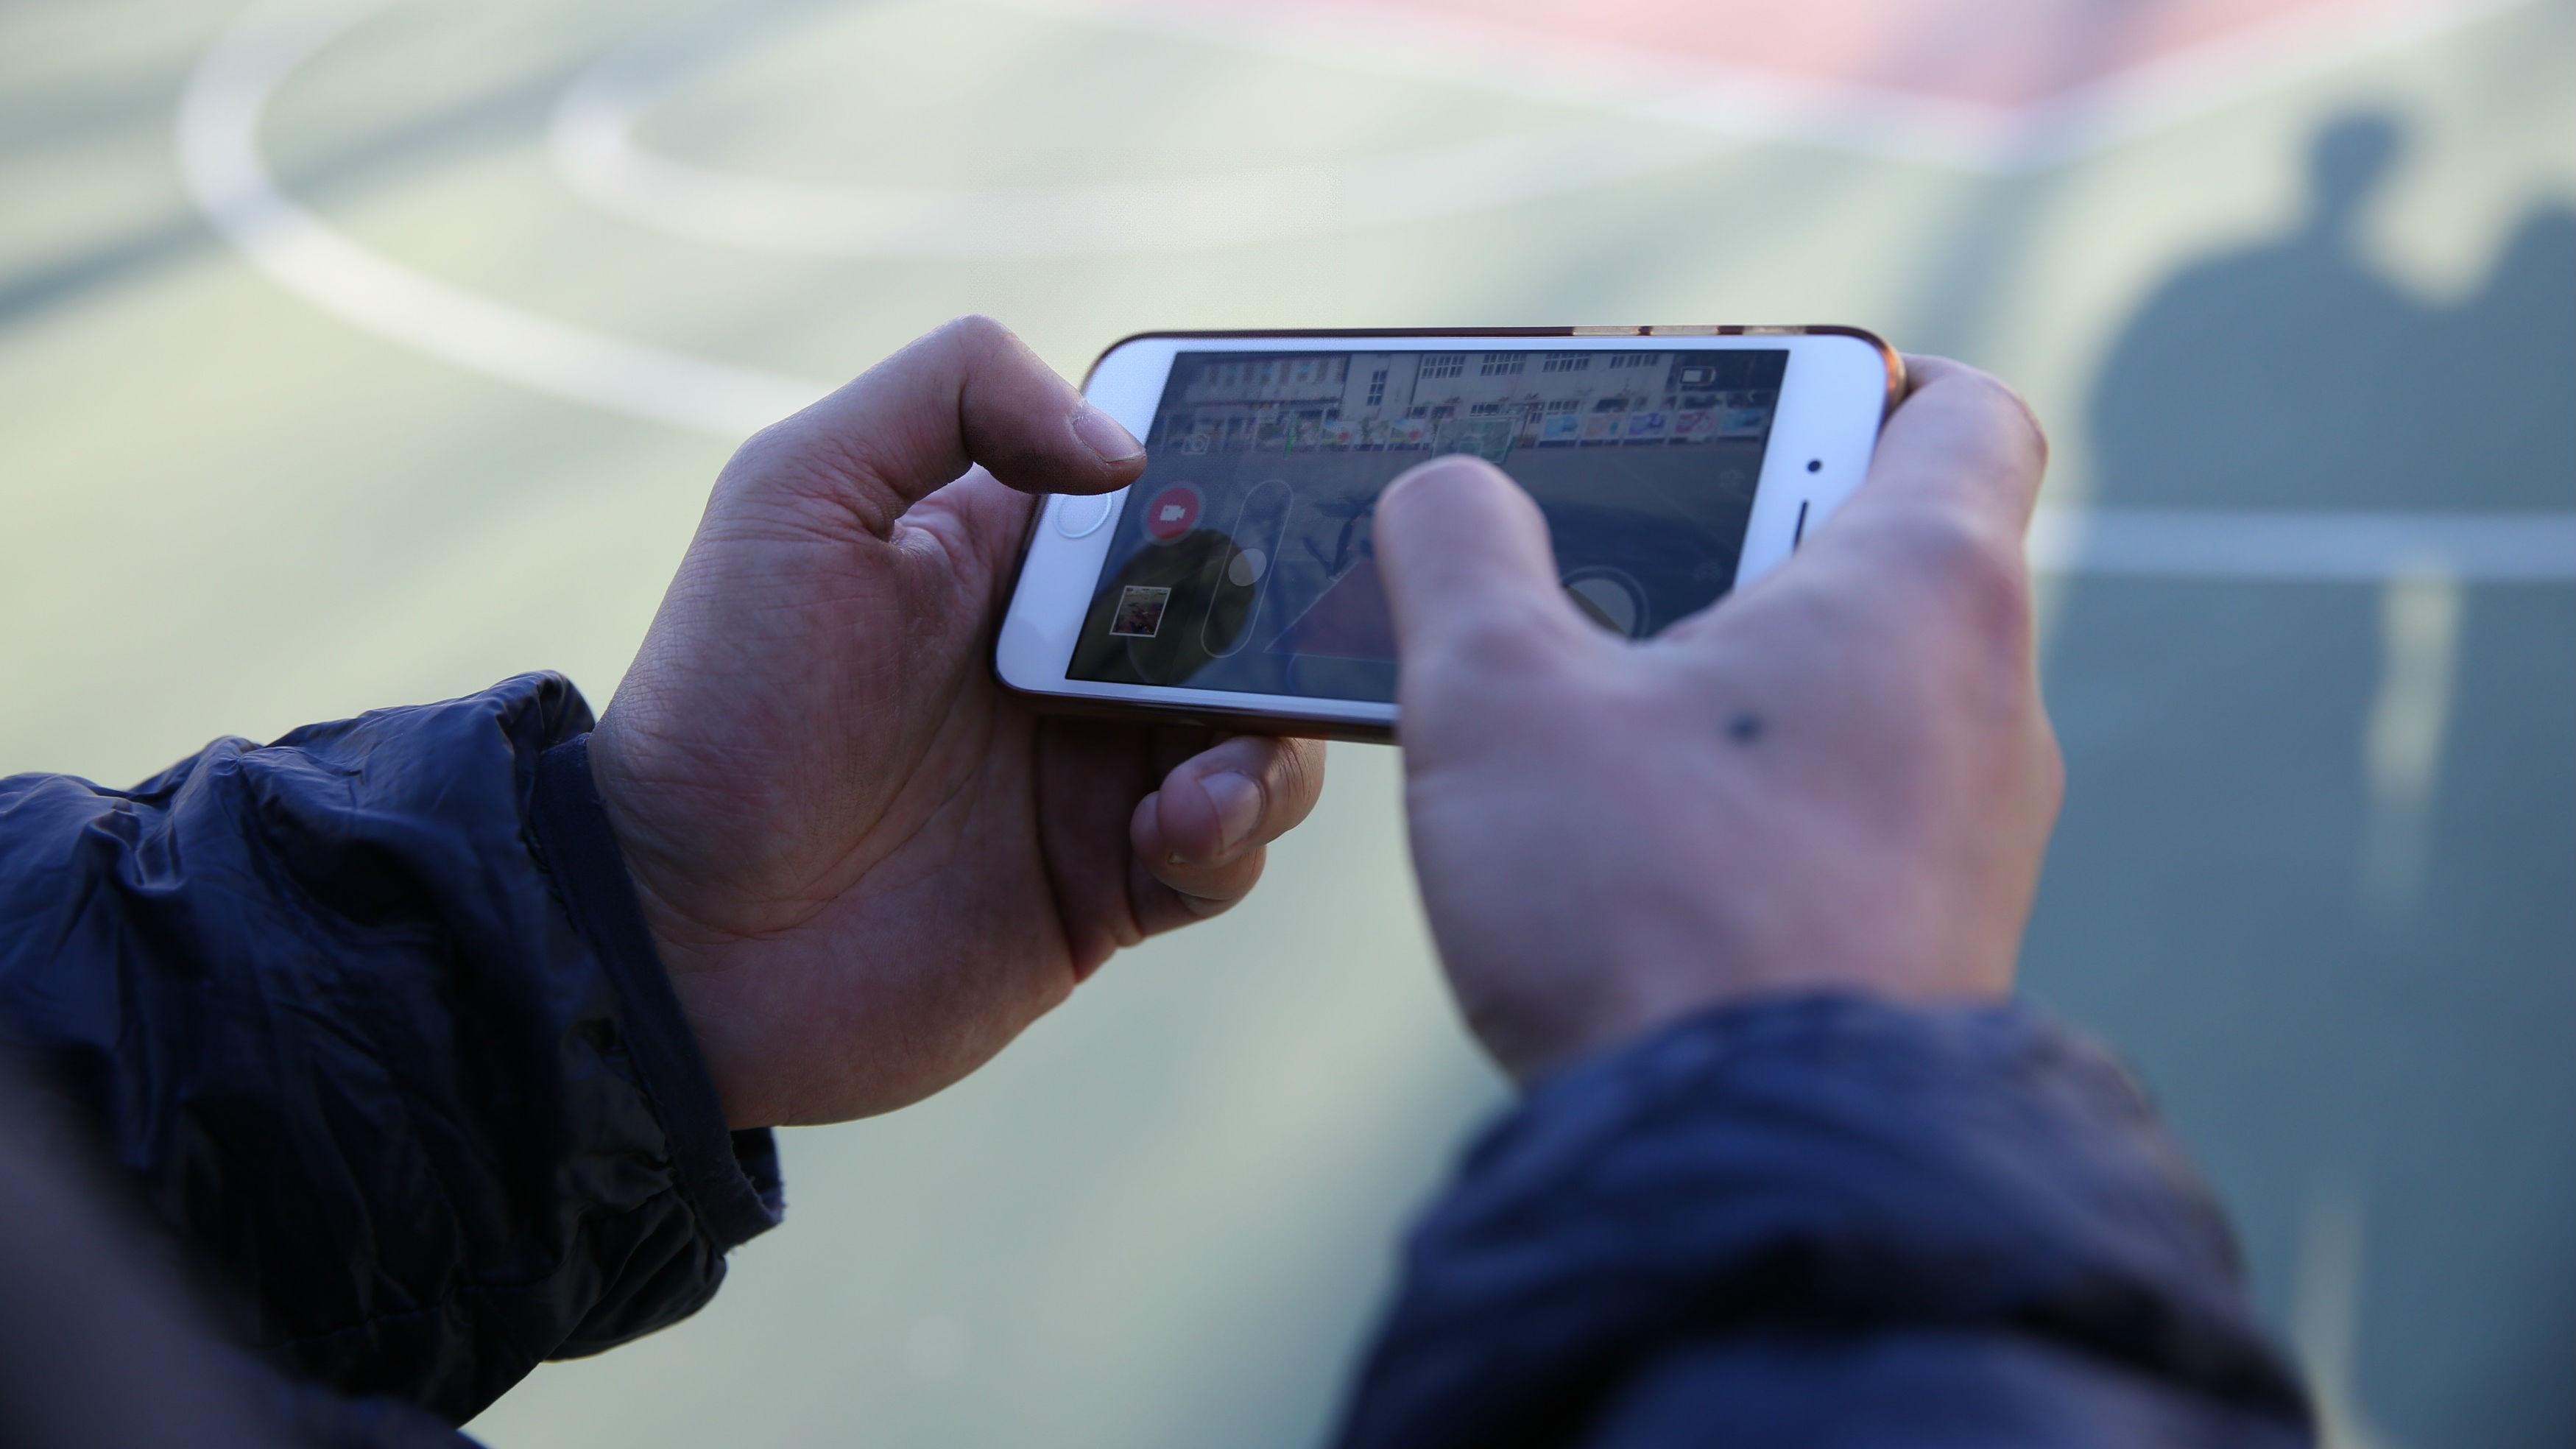 这家美公司被曝全球追踪手机用户行踪——